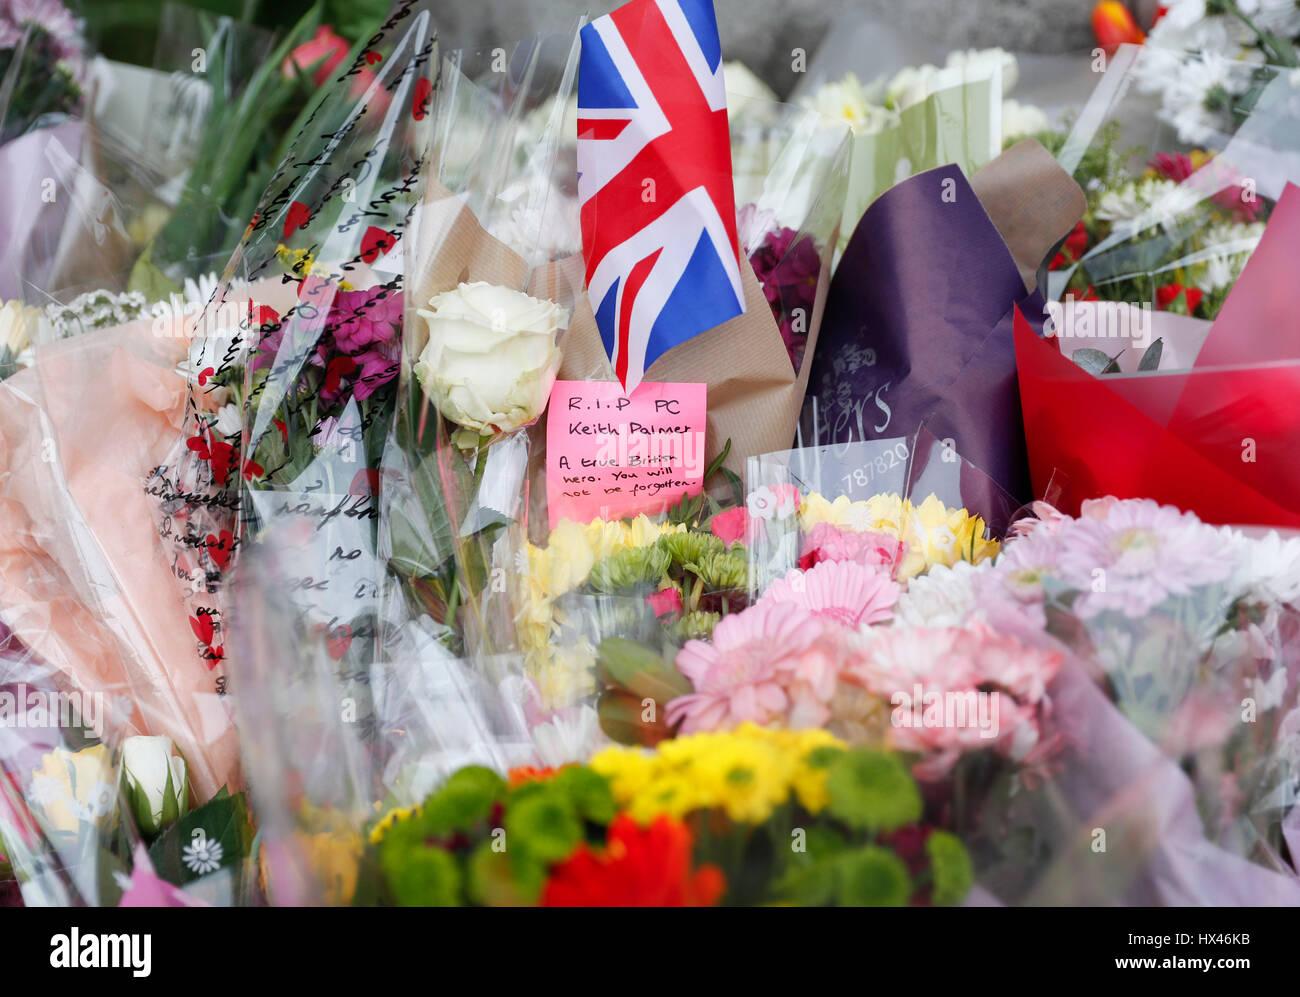 Londres, Royaume-Uni. 24 mars, 2017. Attaque terroriste de Westminster au centre de Londres. Tributs floraux pour les victimes sont visibles à l'extérieur du Parlement, deux jours après le 22 mars attaque terroriste de Westminster au centre de Londres, Angleterre le 24 mars 2017. Credit: Han Yan/Xinhua/Alamy Live News Banque D'Images